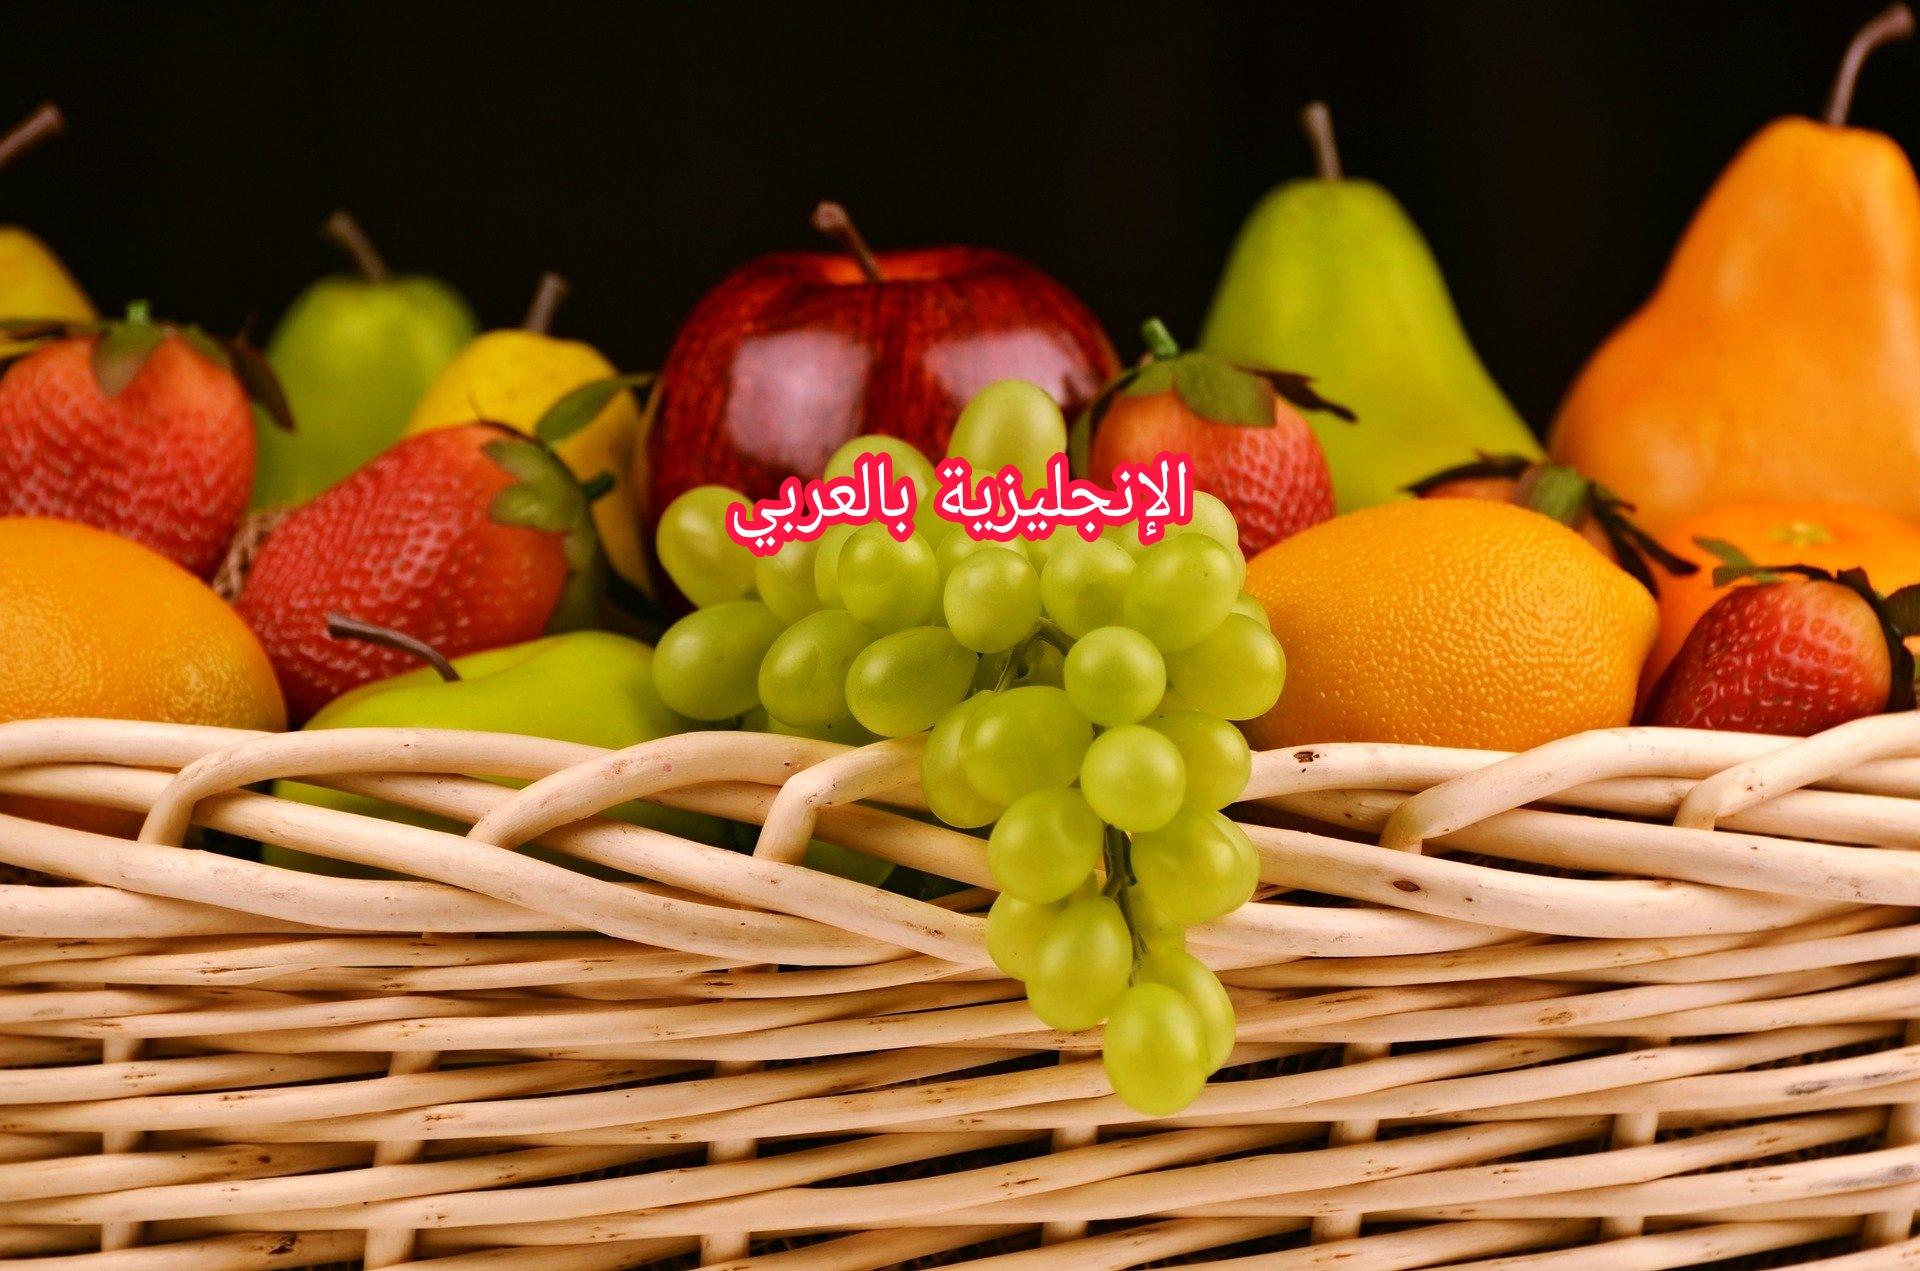 الفاكهة بالإنجليزية